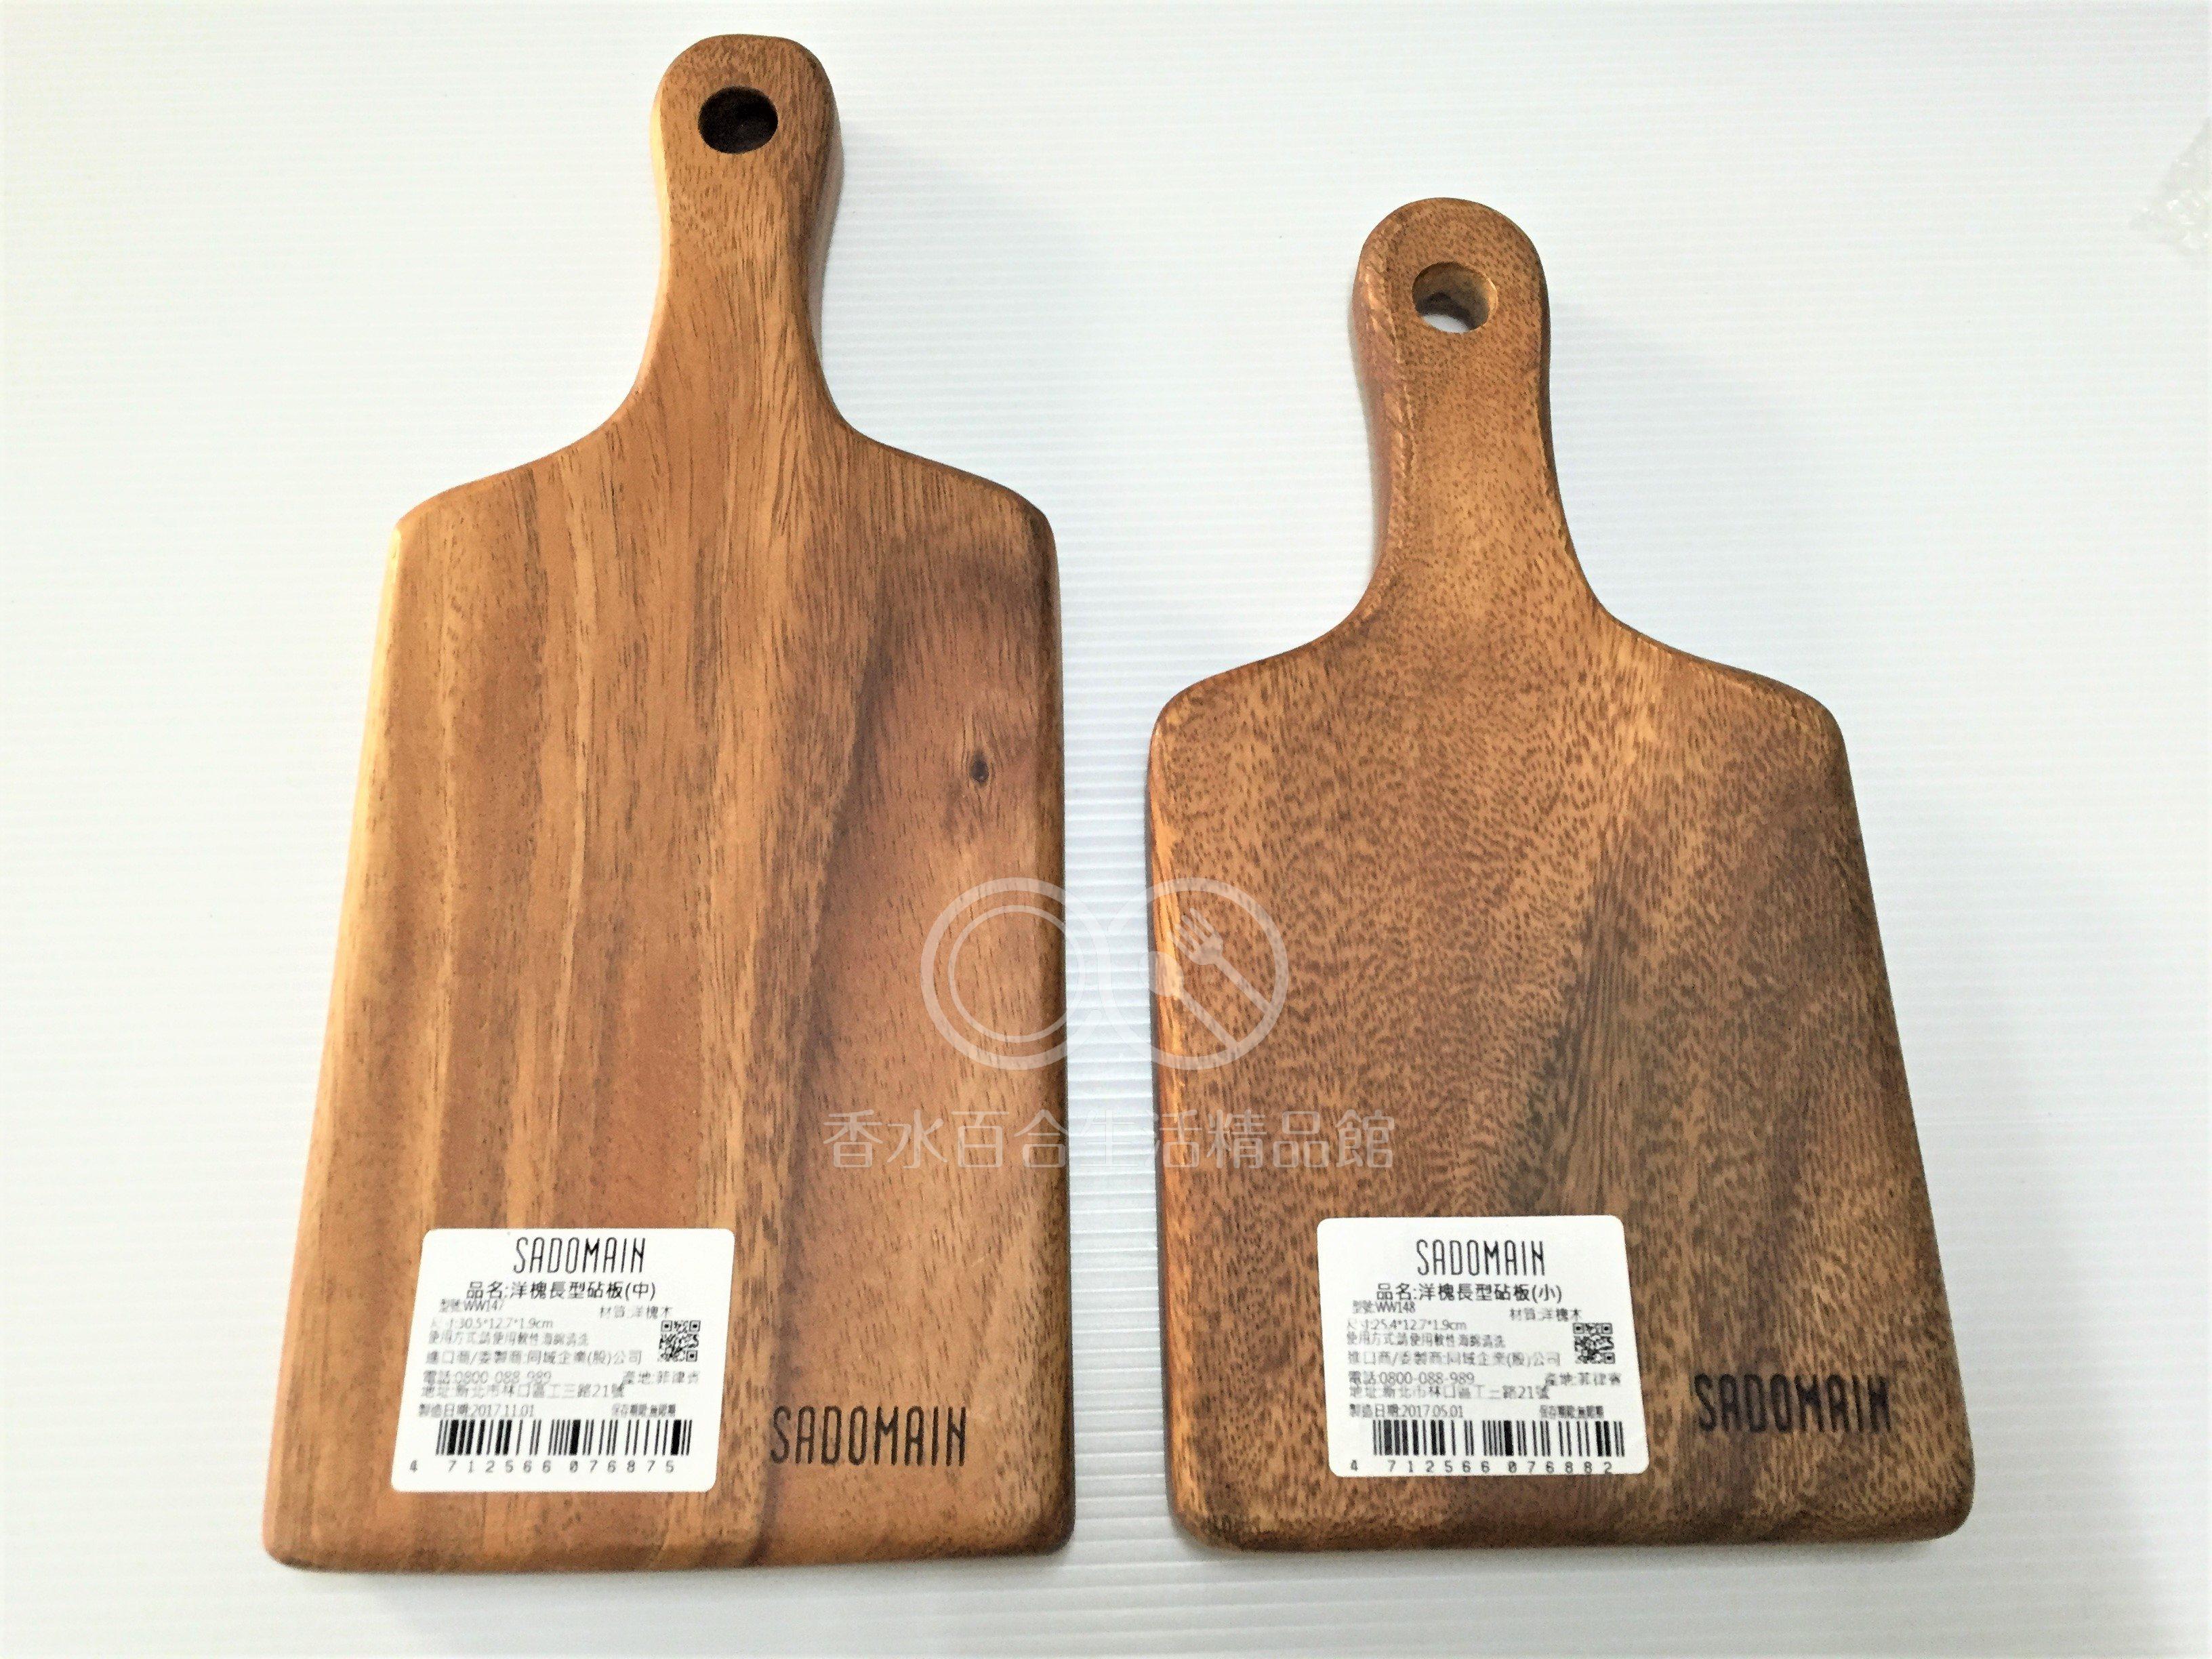 🌟現貨🌟 SADOMAIN仙德曼 洋槐長型砧板 大 WW146 中 WW147 小 WW148 糕點擺盤 原木沾板